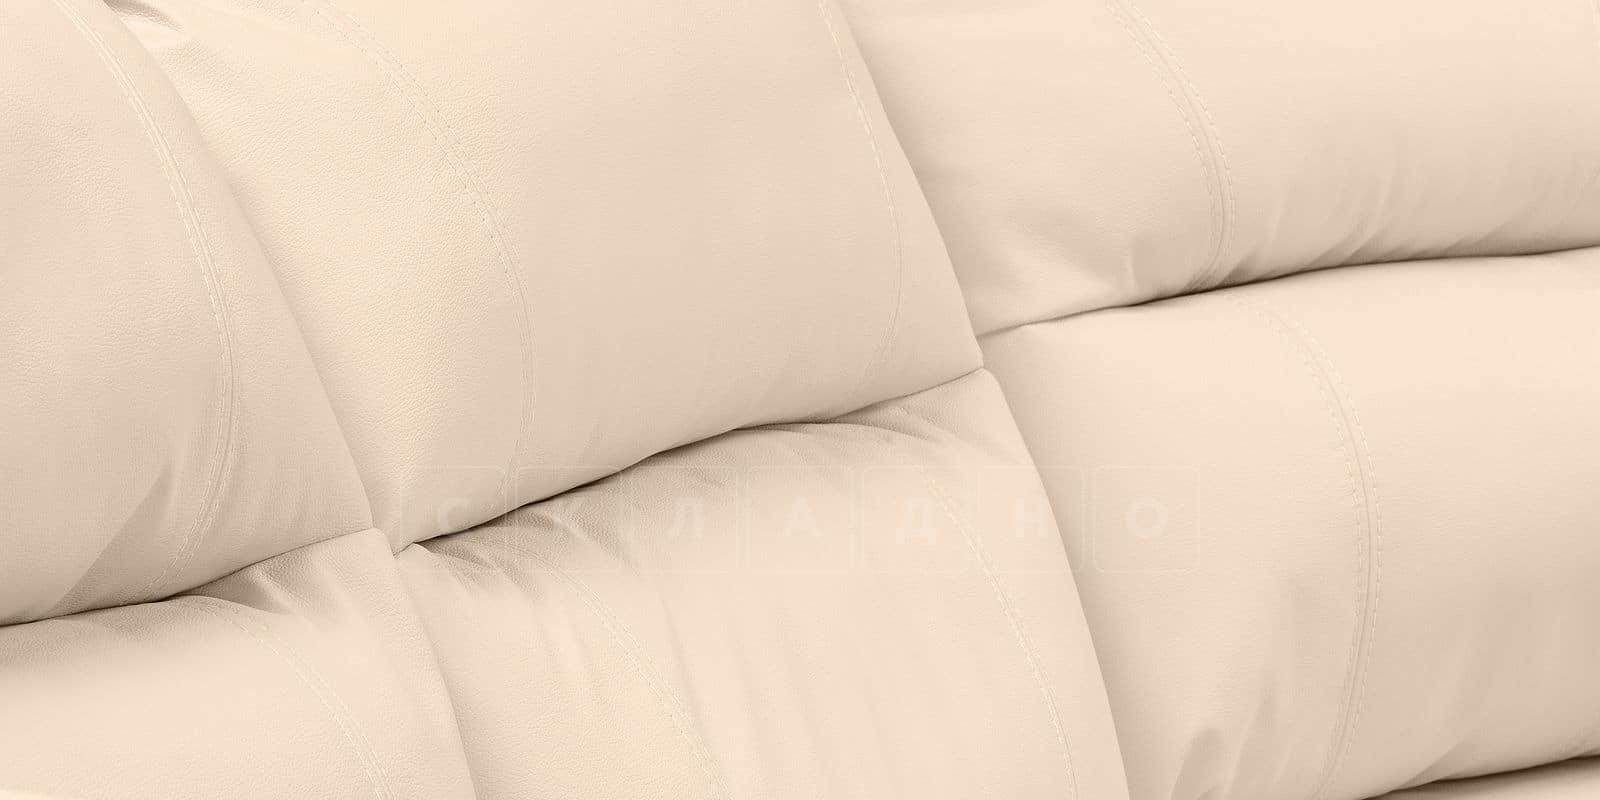 Диван угловой Бристоль кожаный бежевого цвета левый угол фото 6 | интернет-магазин Складно